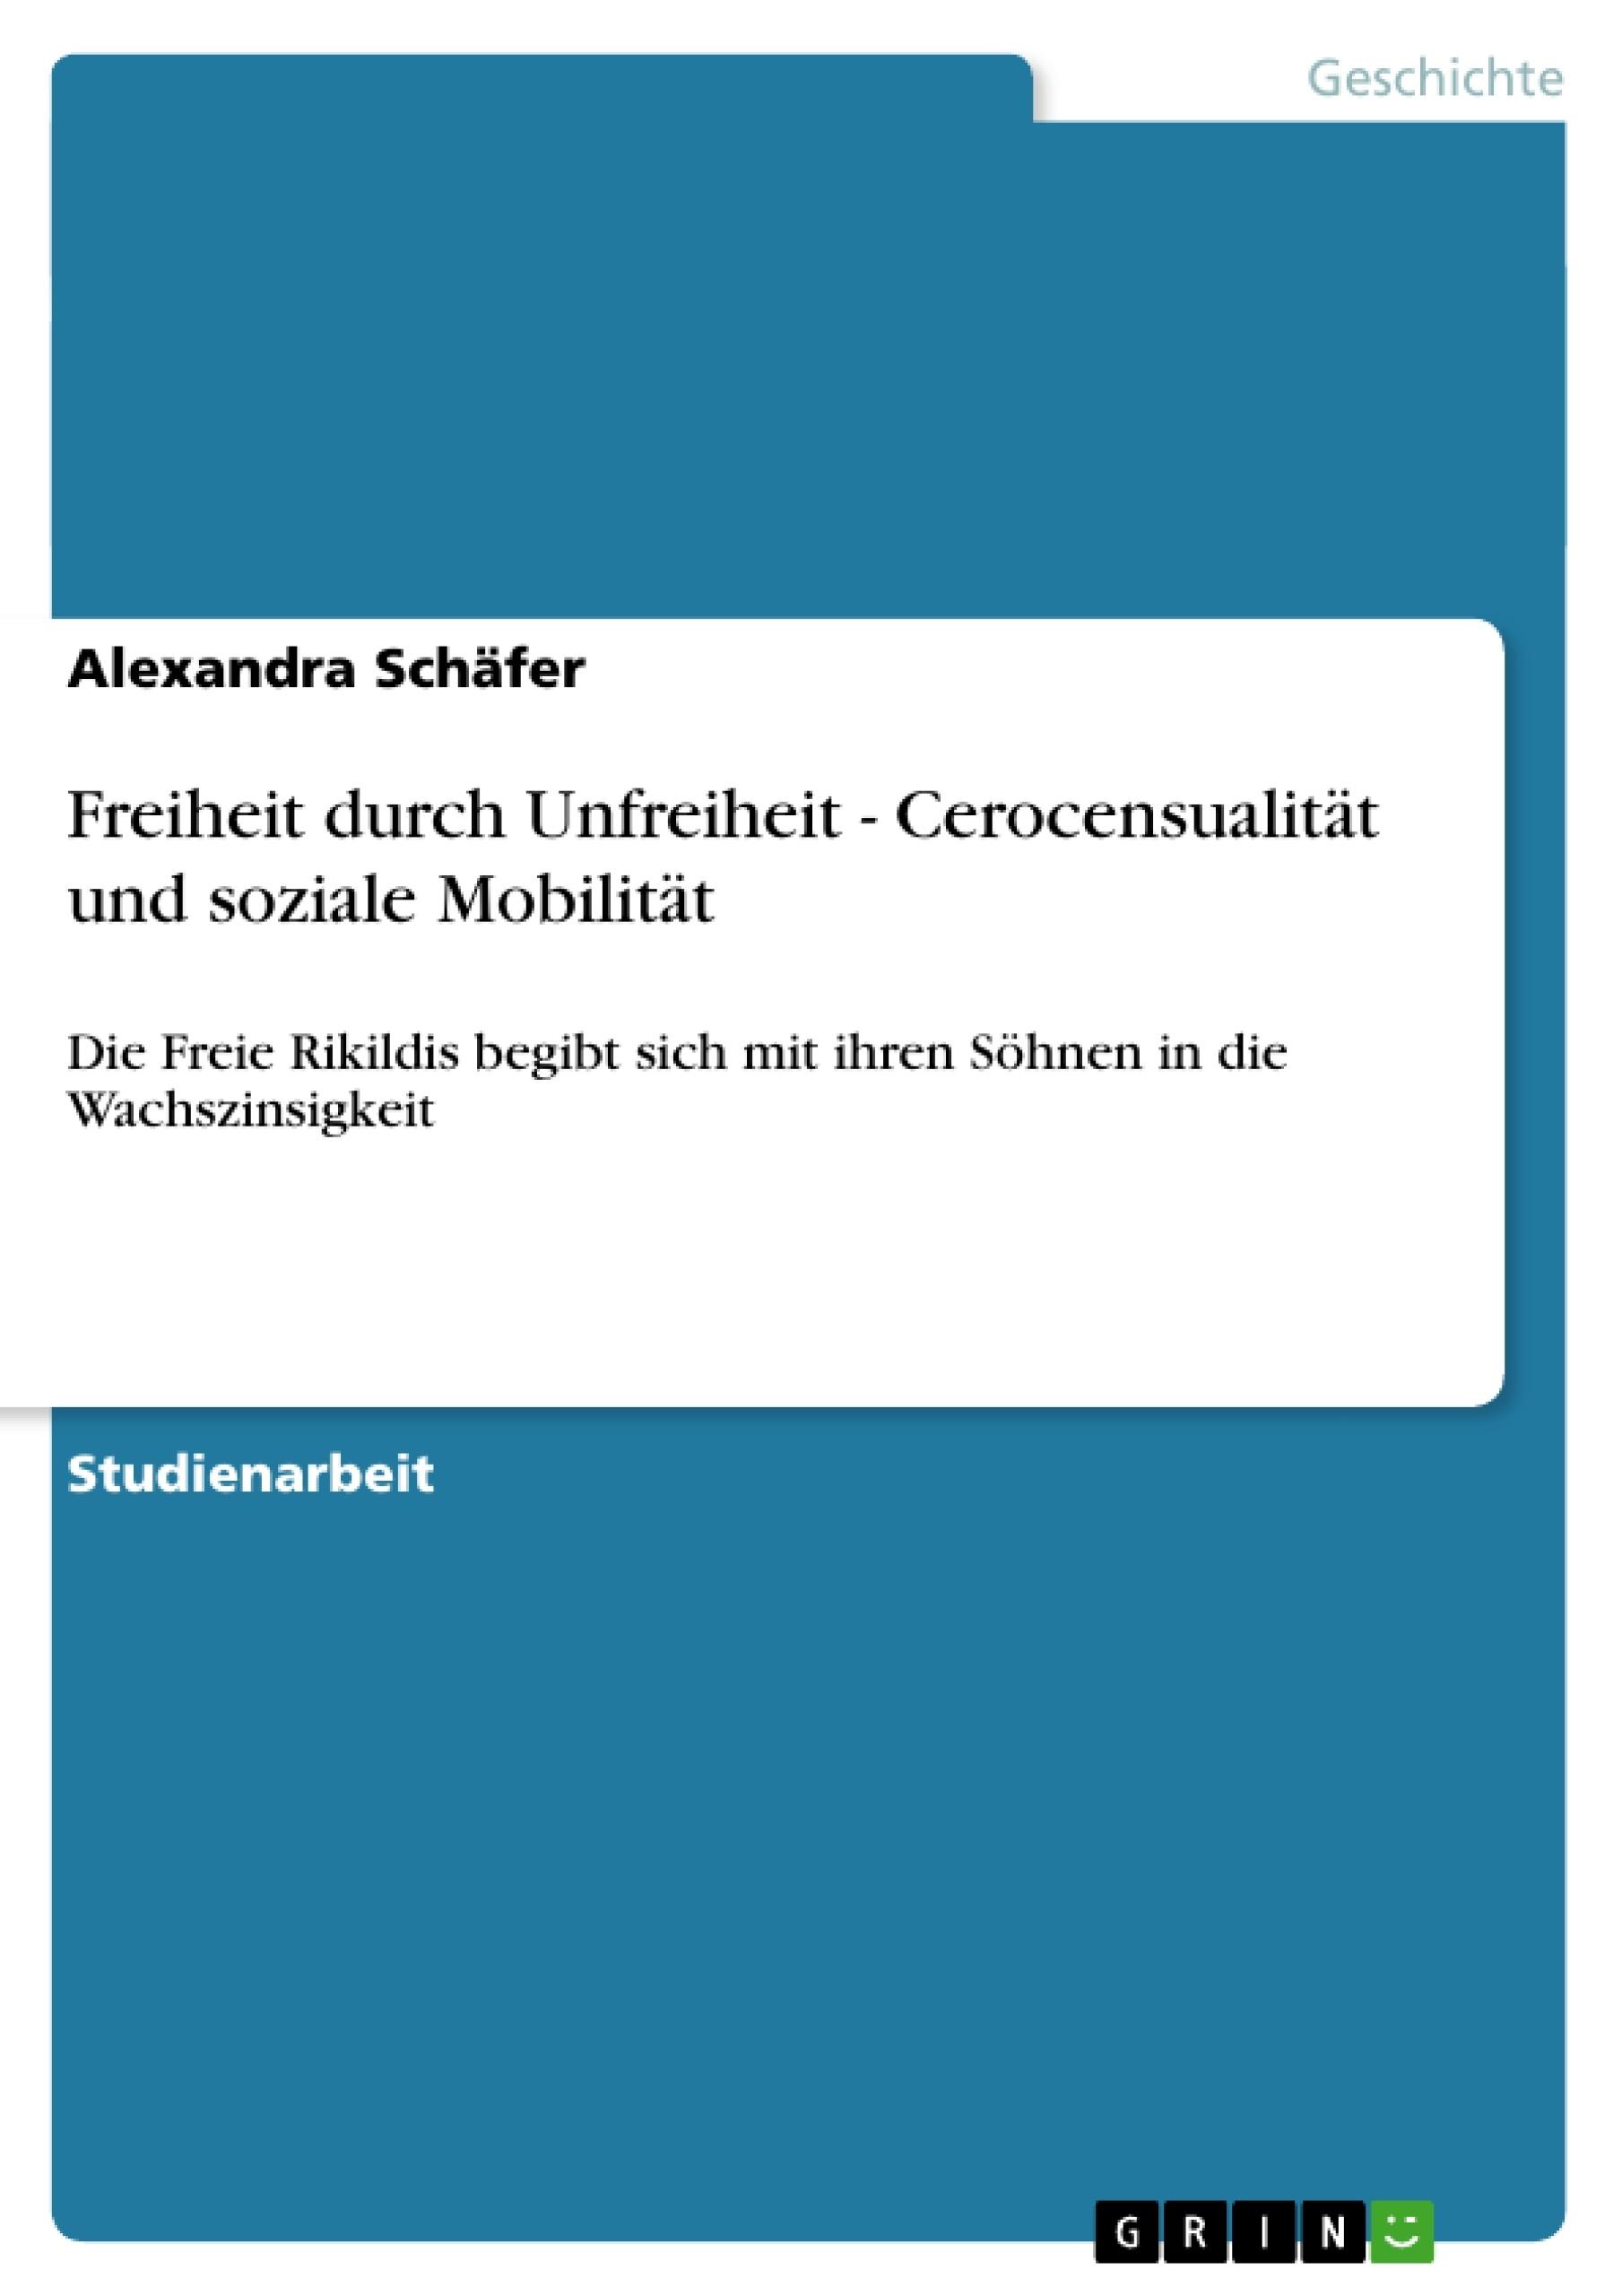 Titel: Freiheit durch Unfreiheit - Cerocensualität und soziale Mobilität